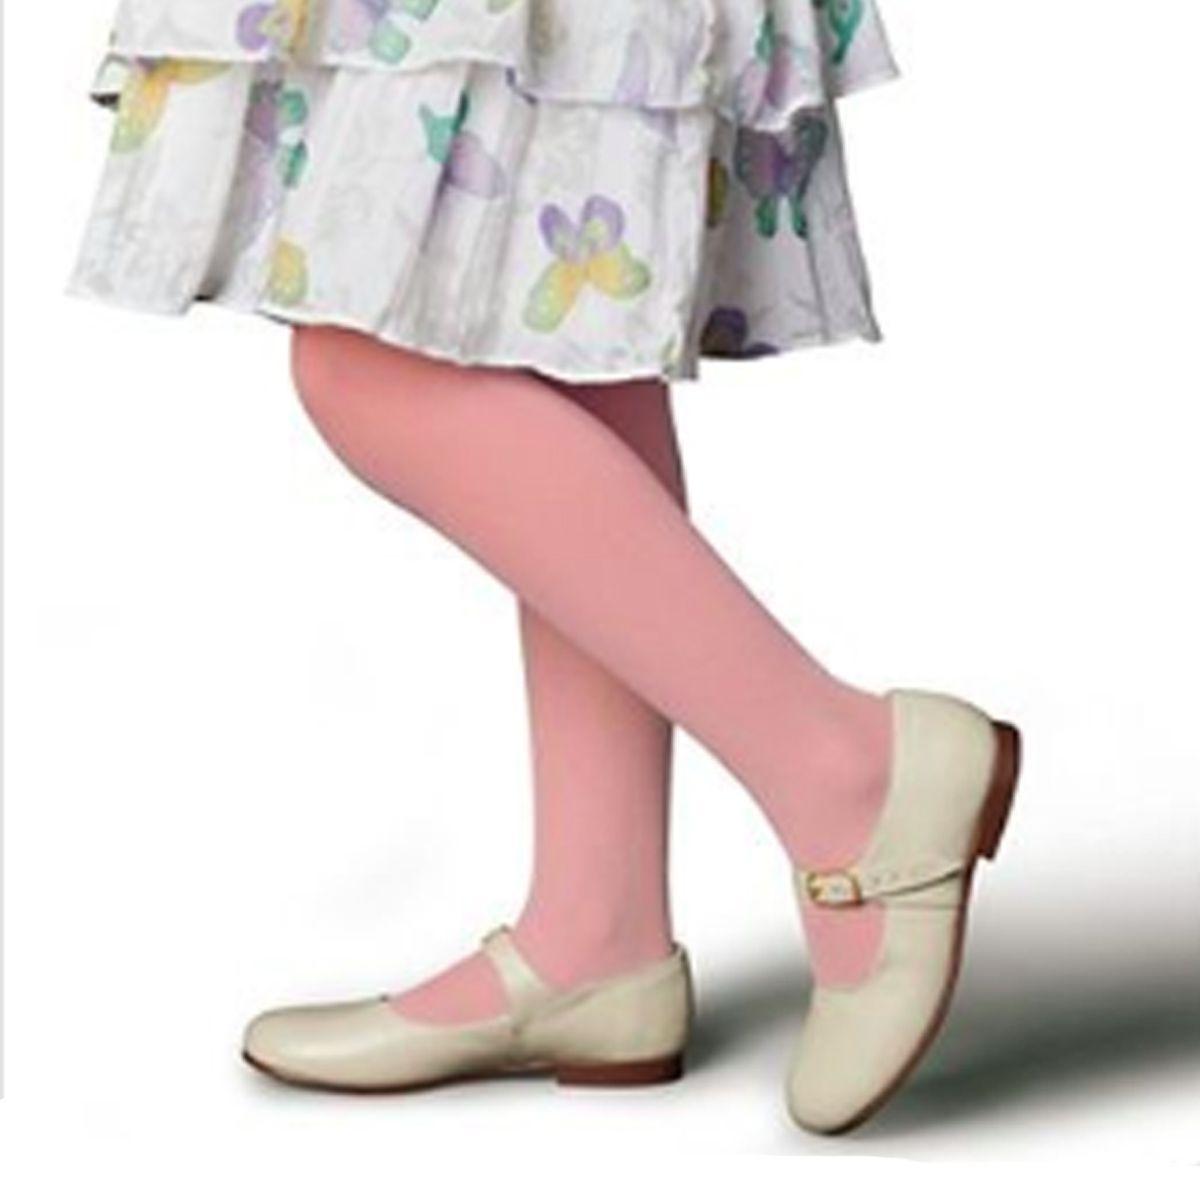 Meia calça básica infantil fio 20 Selene